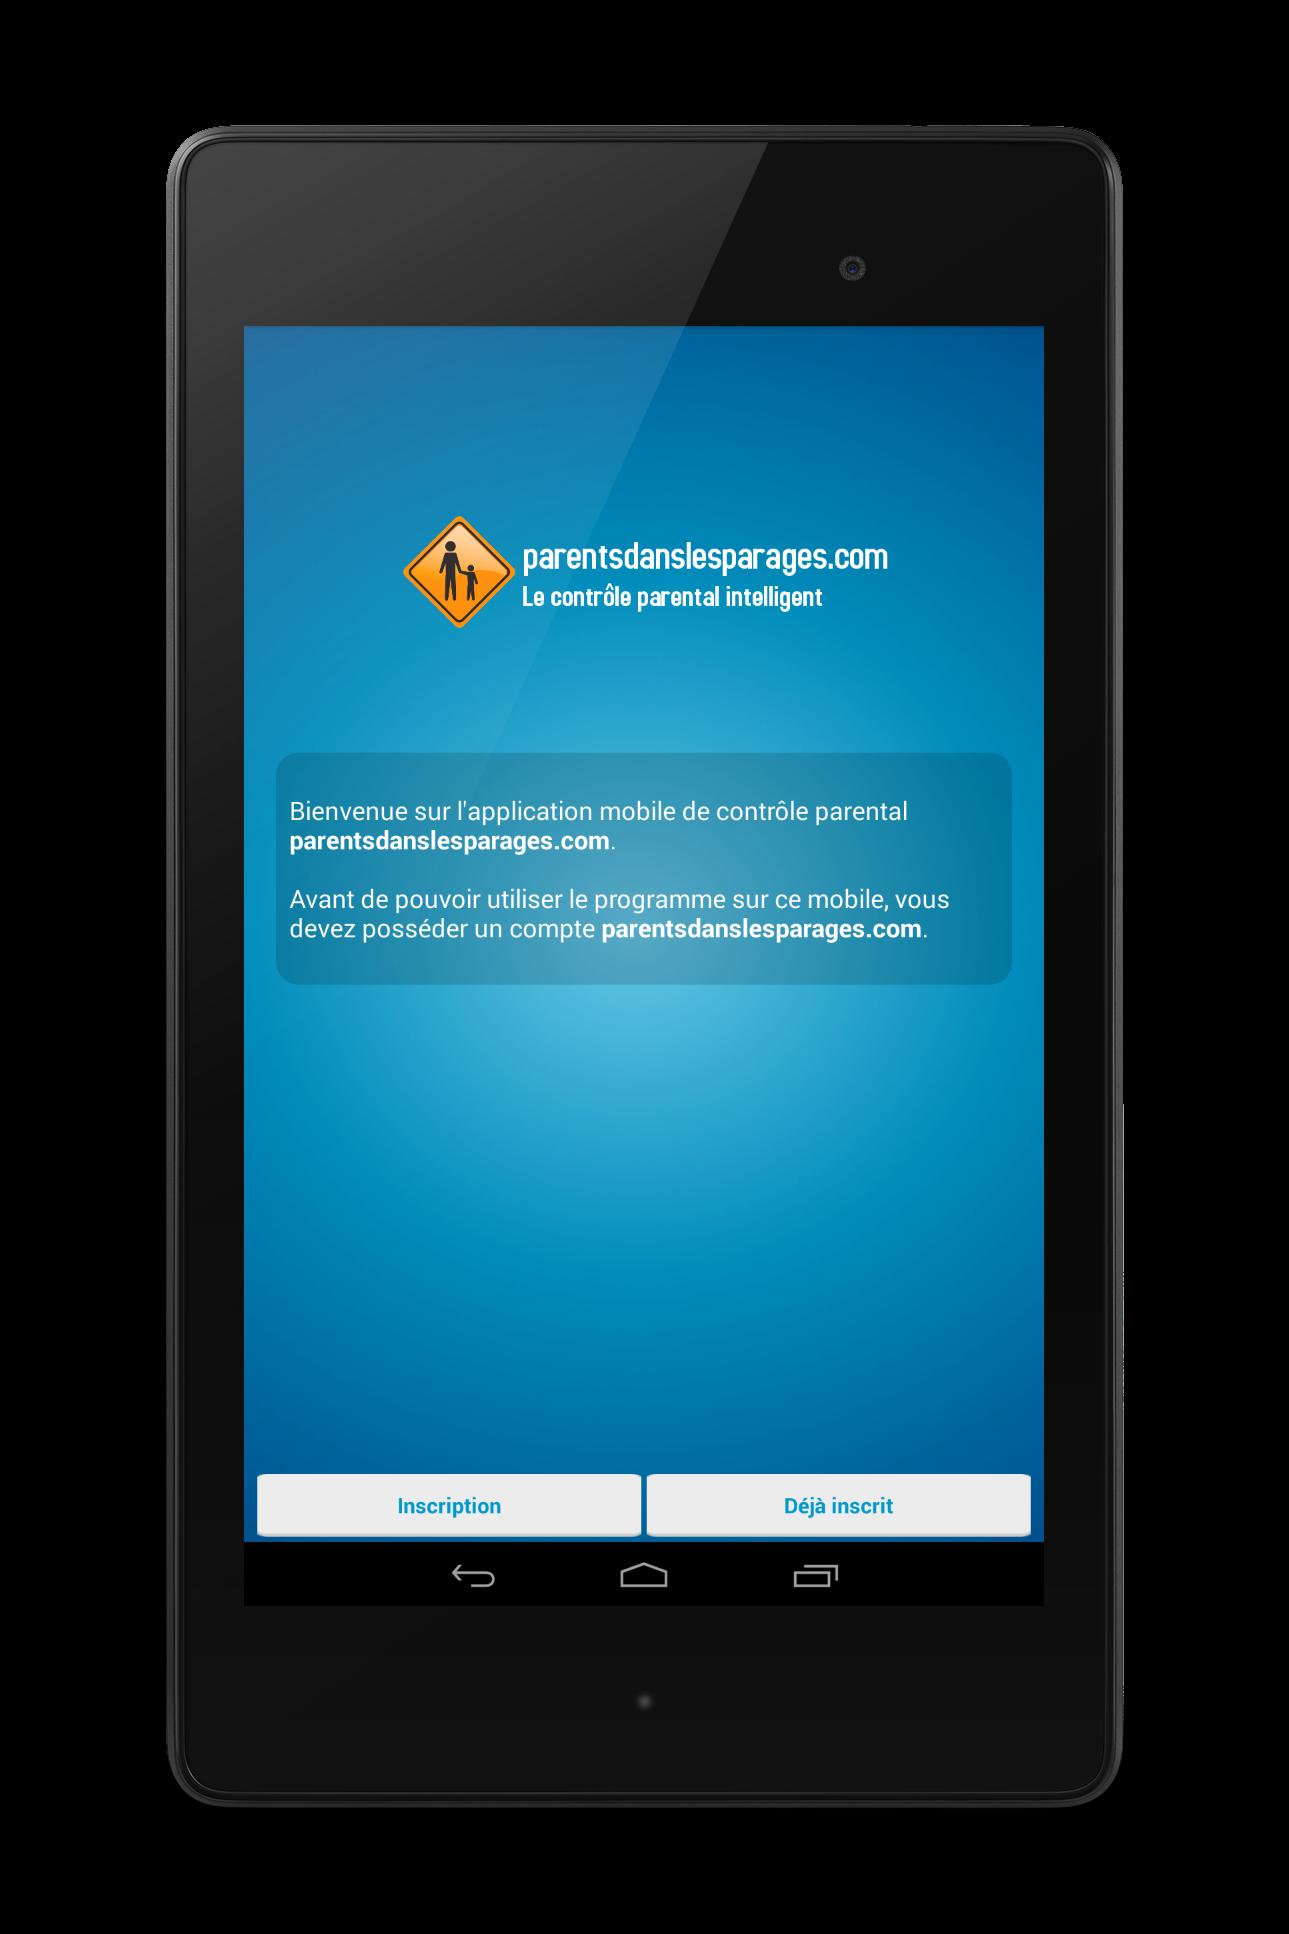 controle parental PDLP sur Android